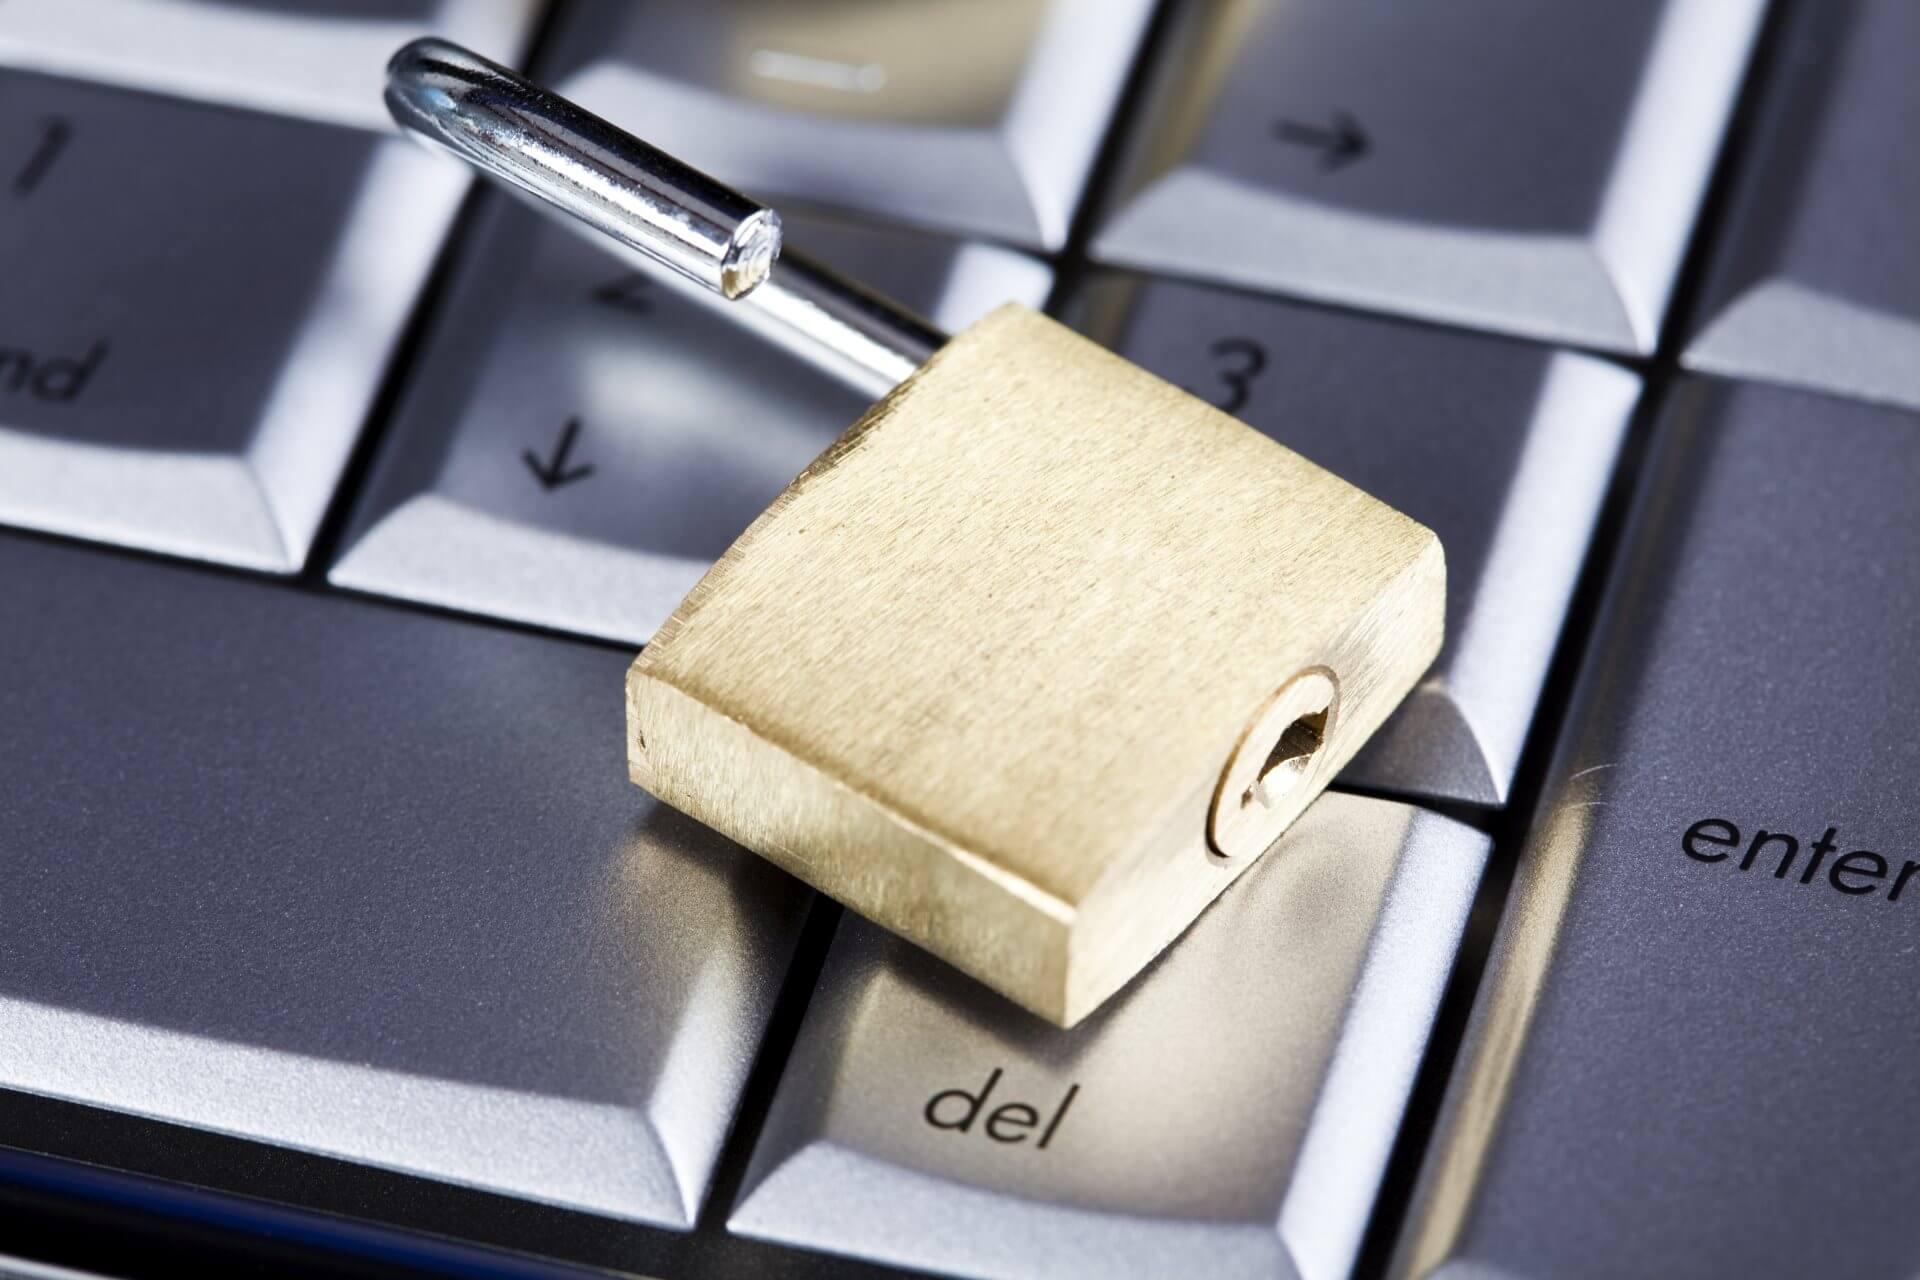 Deine PC Hilfe - PC Sicherheit